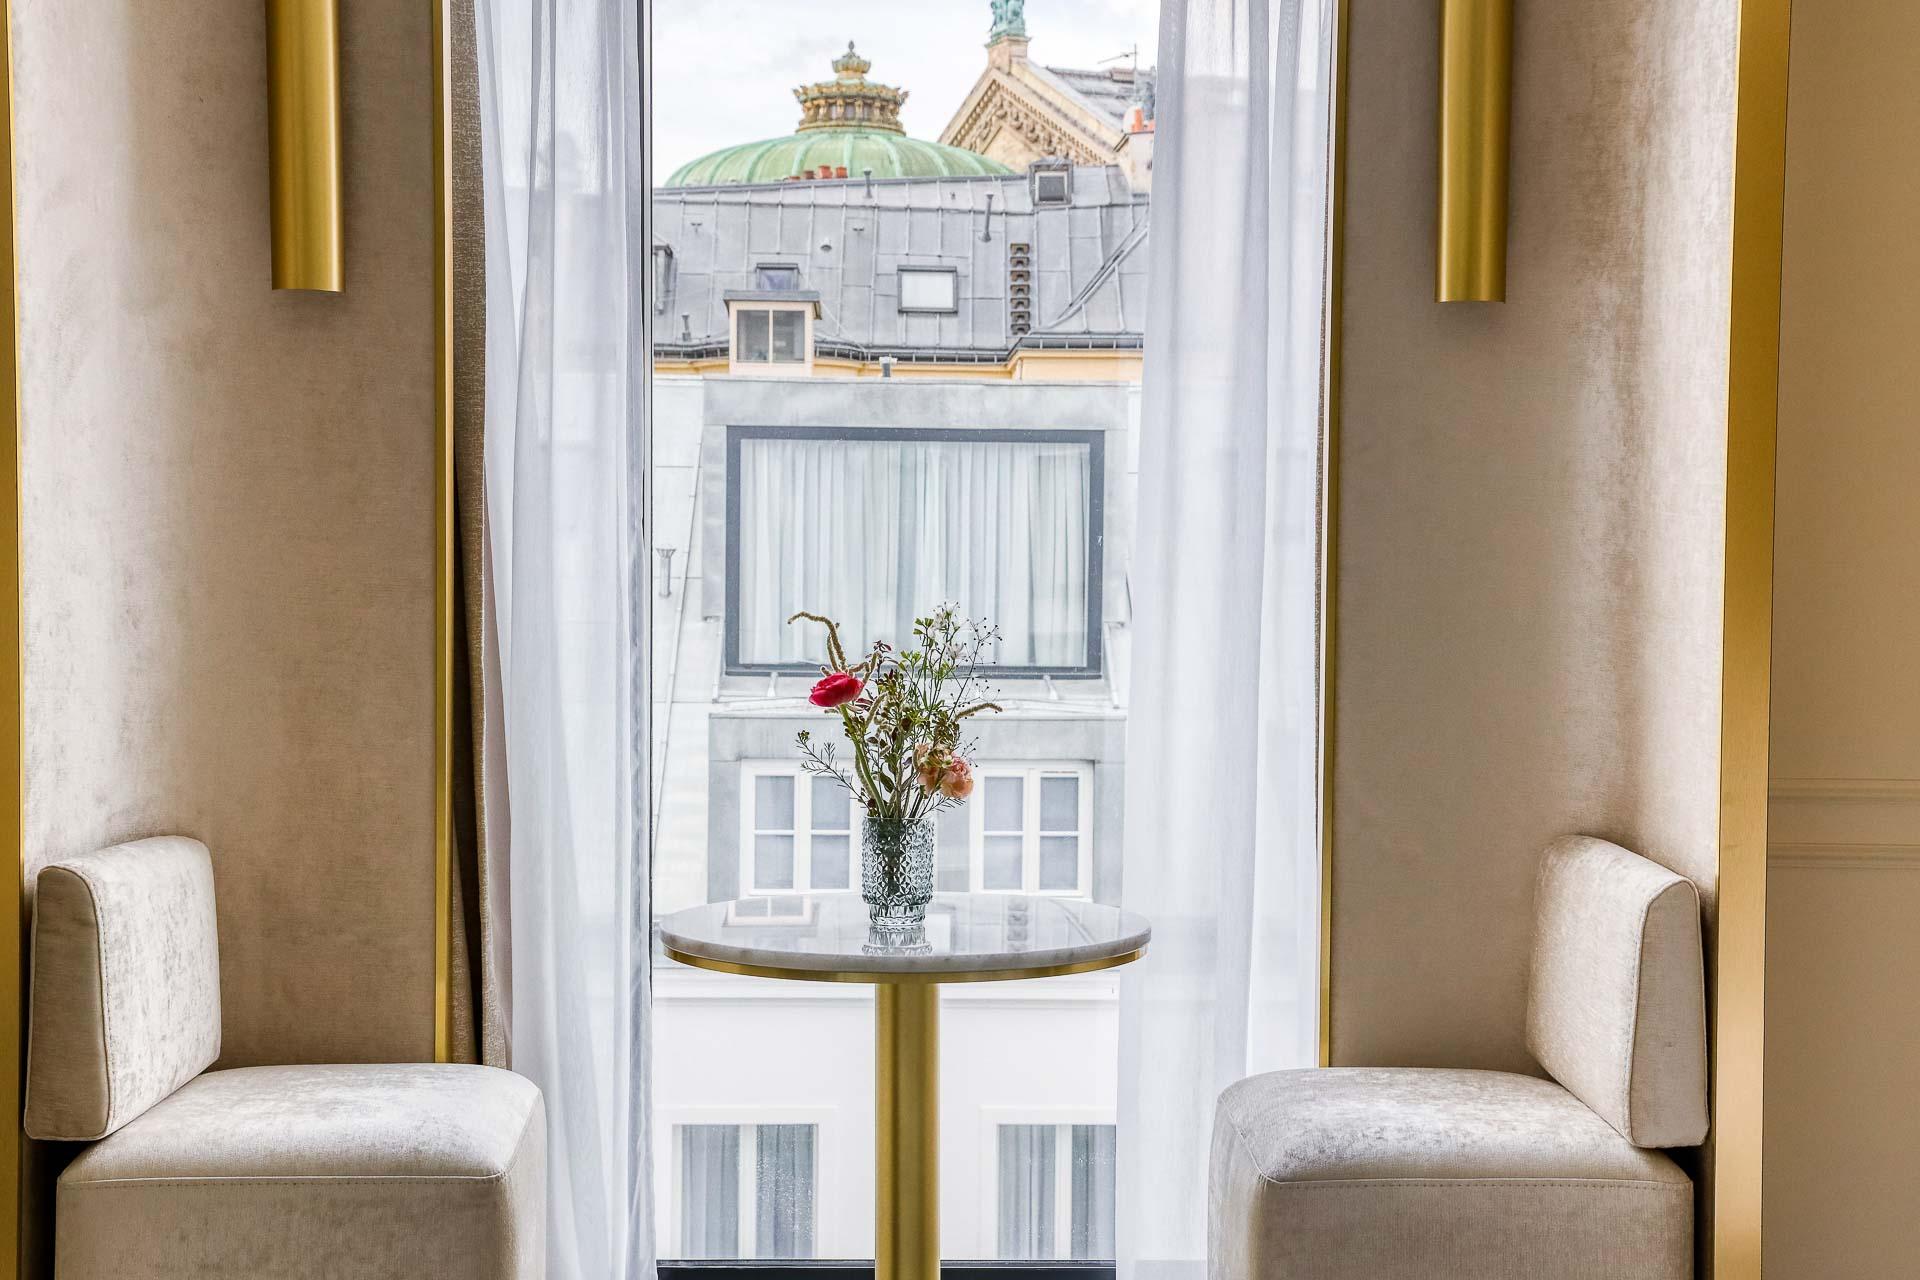 À deux pas de l'Opéra, Le Vendome st le dernier-né des boutique-hôtels Maison Albar. Au programme de cette adresse 5-étoiles de 51 clés, parmi les plus complètes du quartier : charmante terrasse végétalisée dans le patio, piscine intérieure, spa Carita ou suites avec terrasses et vue sur le Palais Garnier.